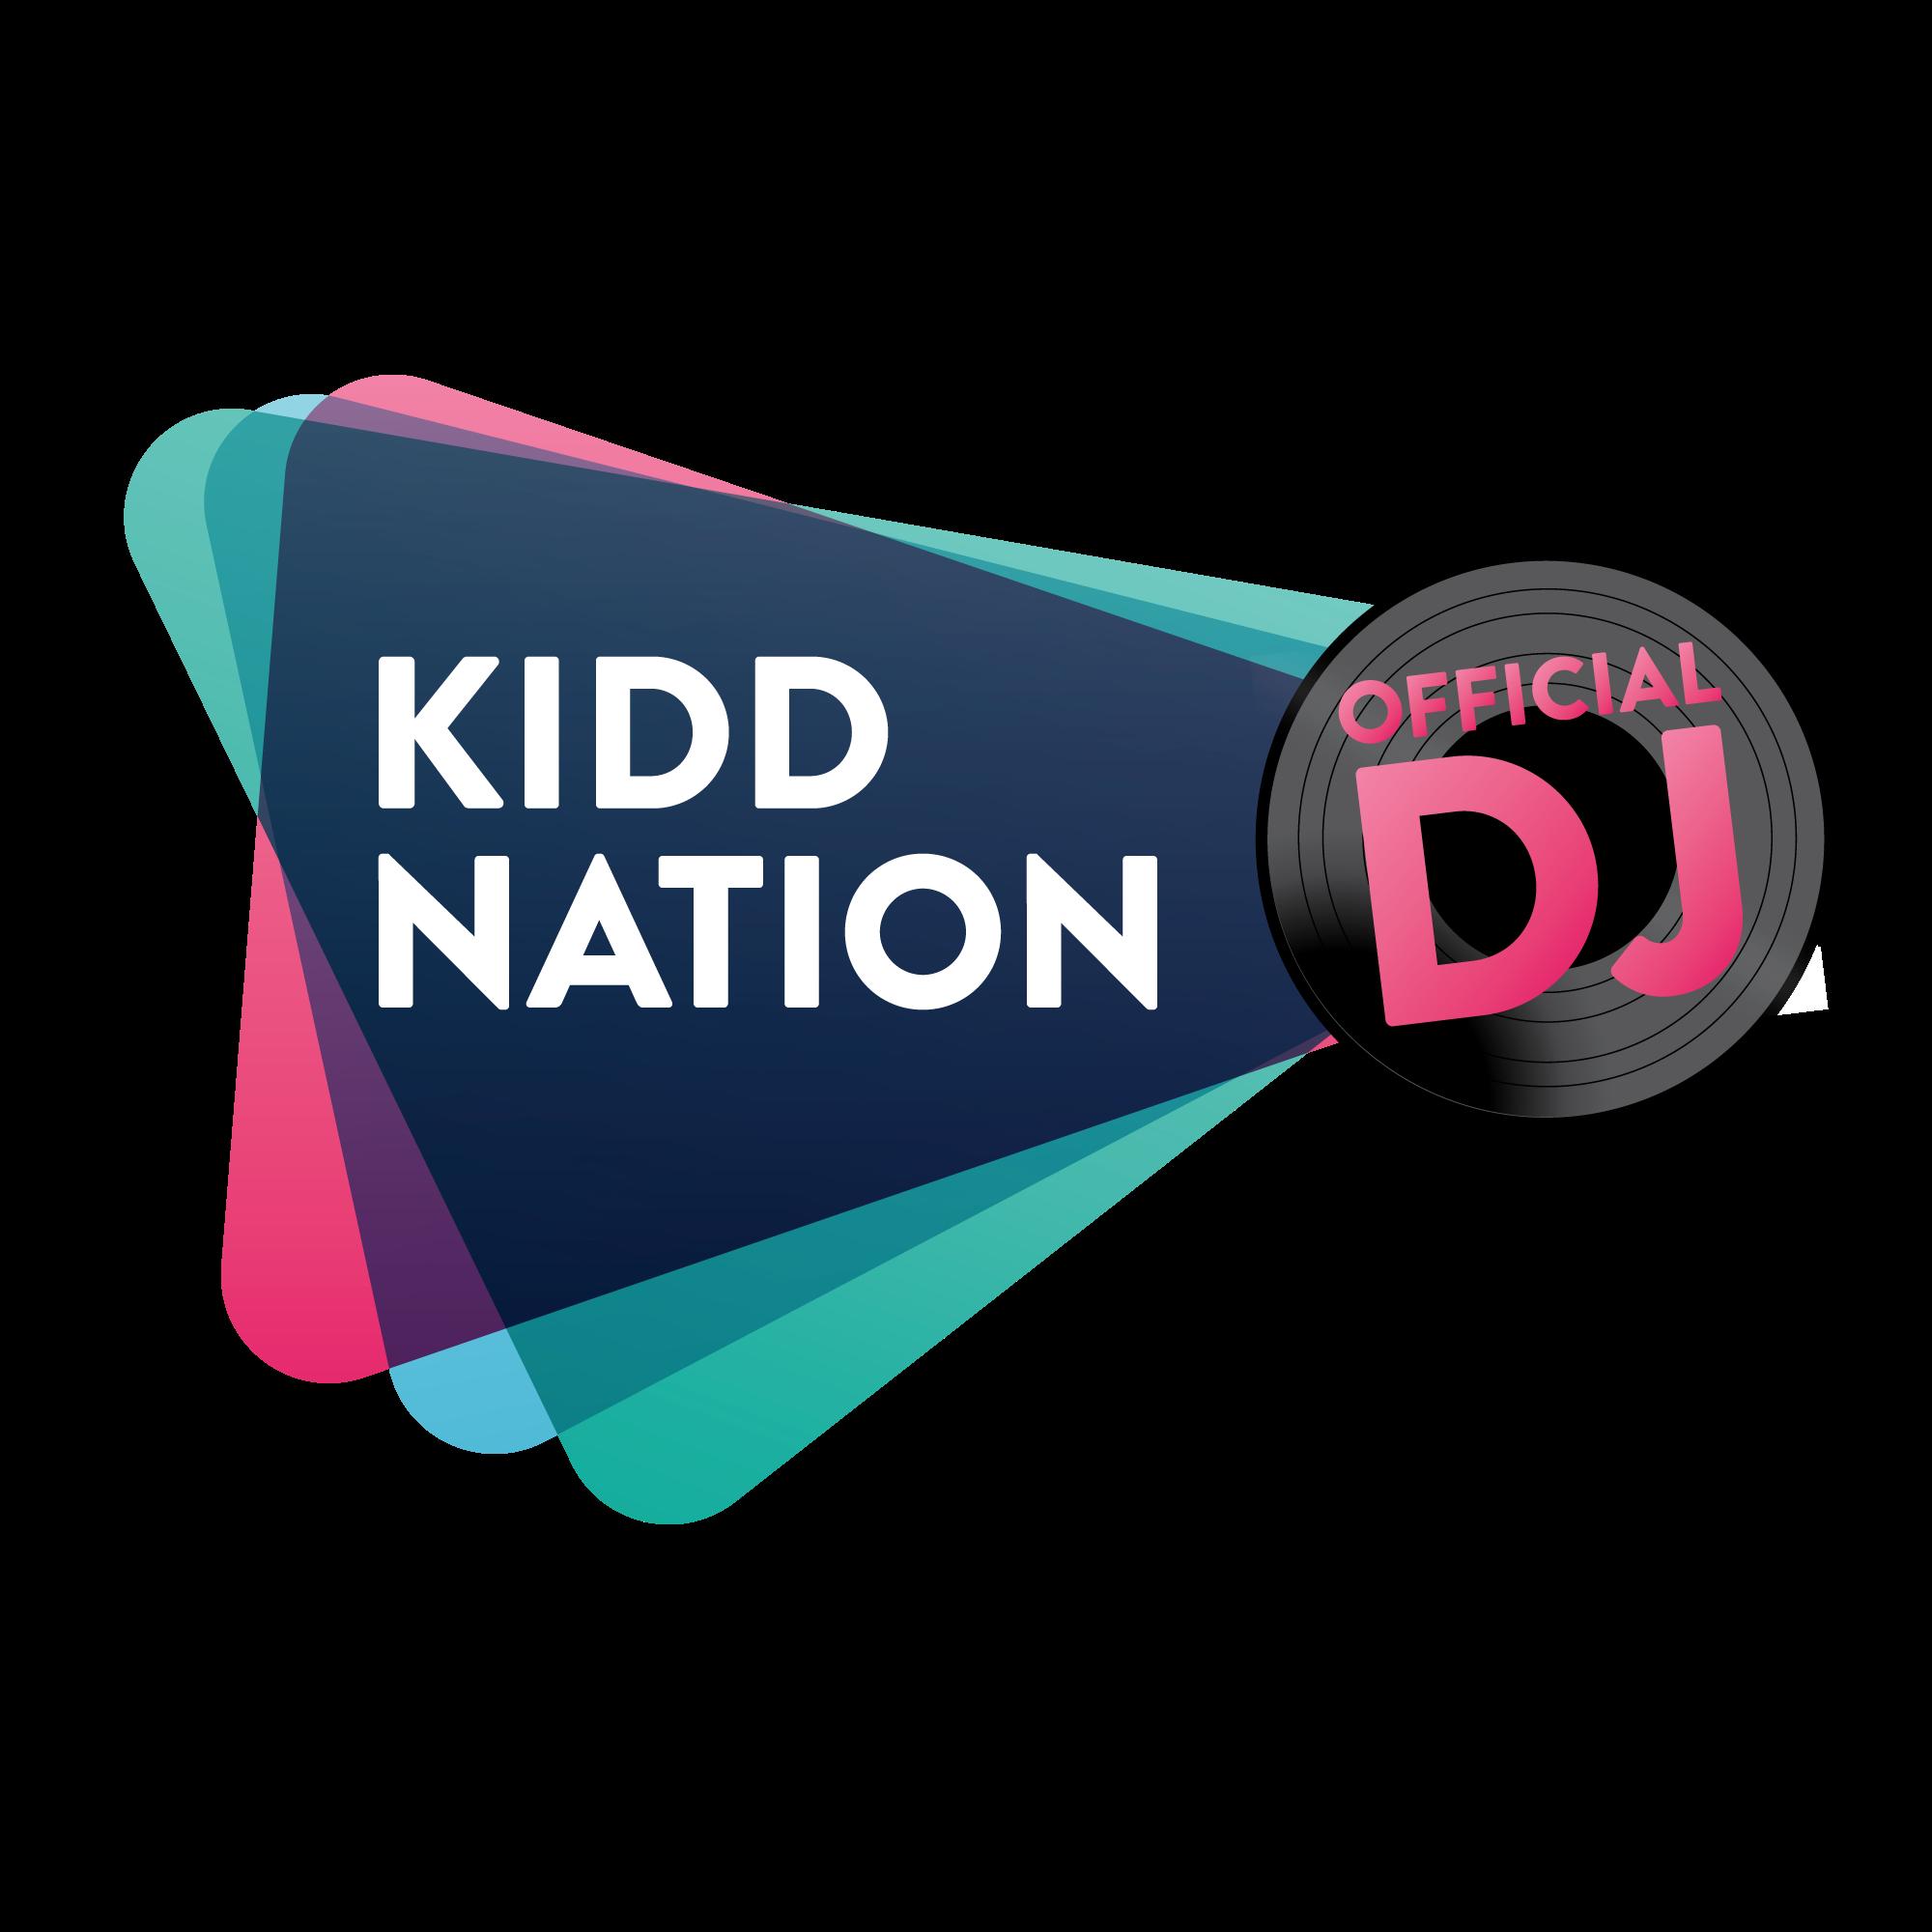 OfficialKiddNationDJ.png